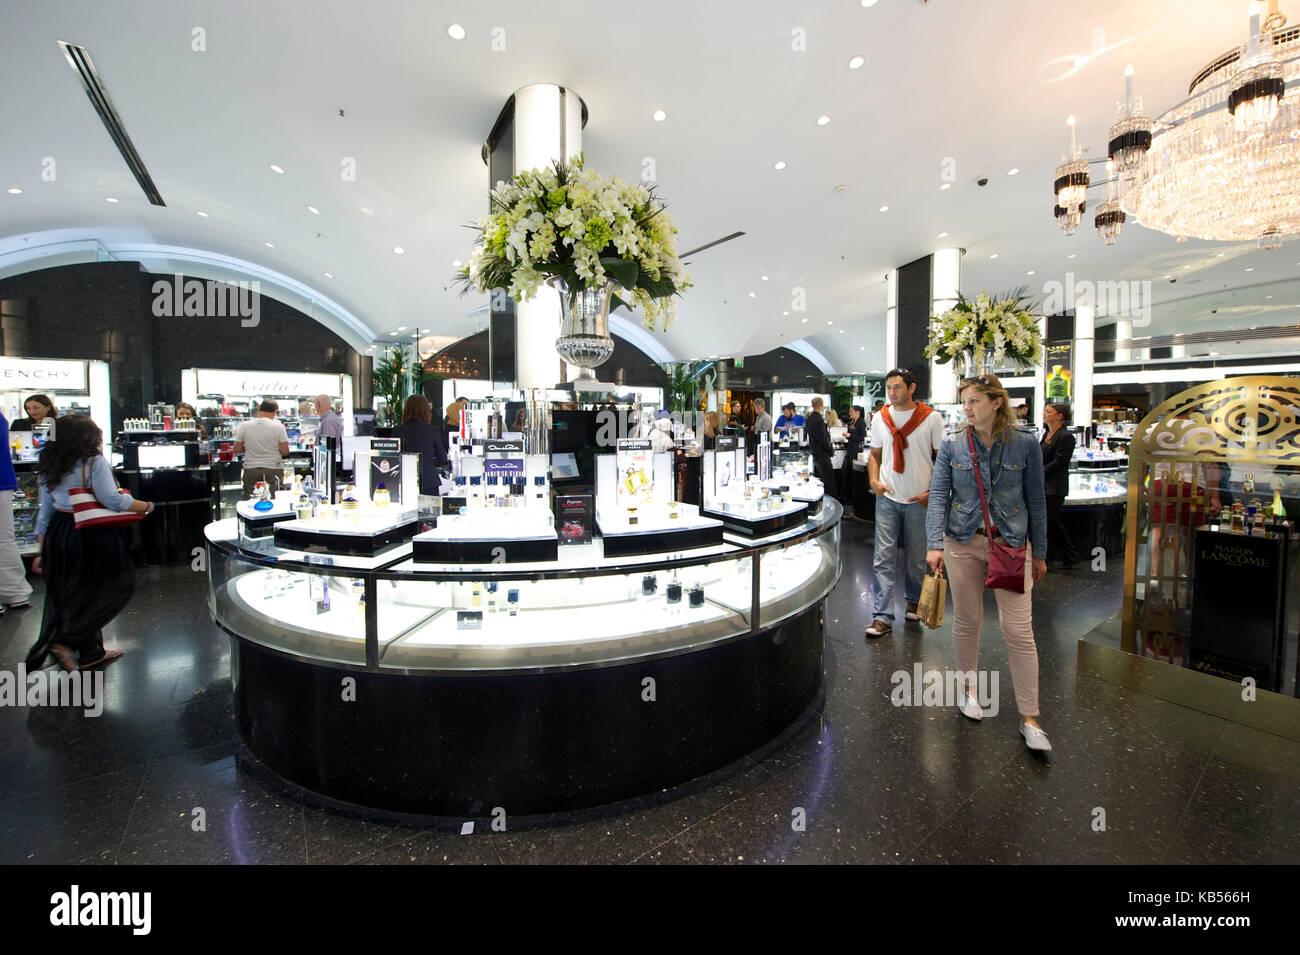 United Kingdom, London, Knightsbridge, Harrods department store on Brompton Road, perfume hall - Stock Image